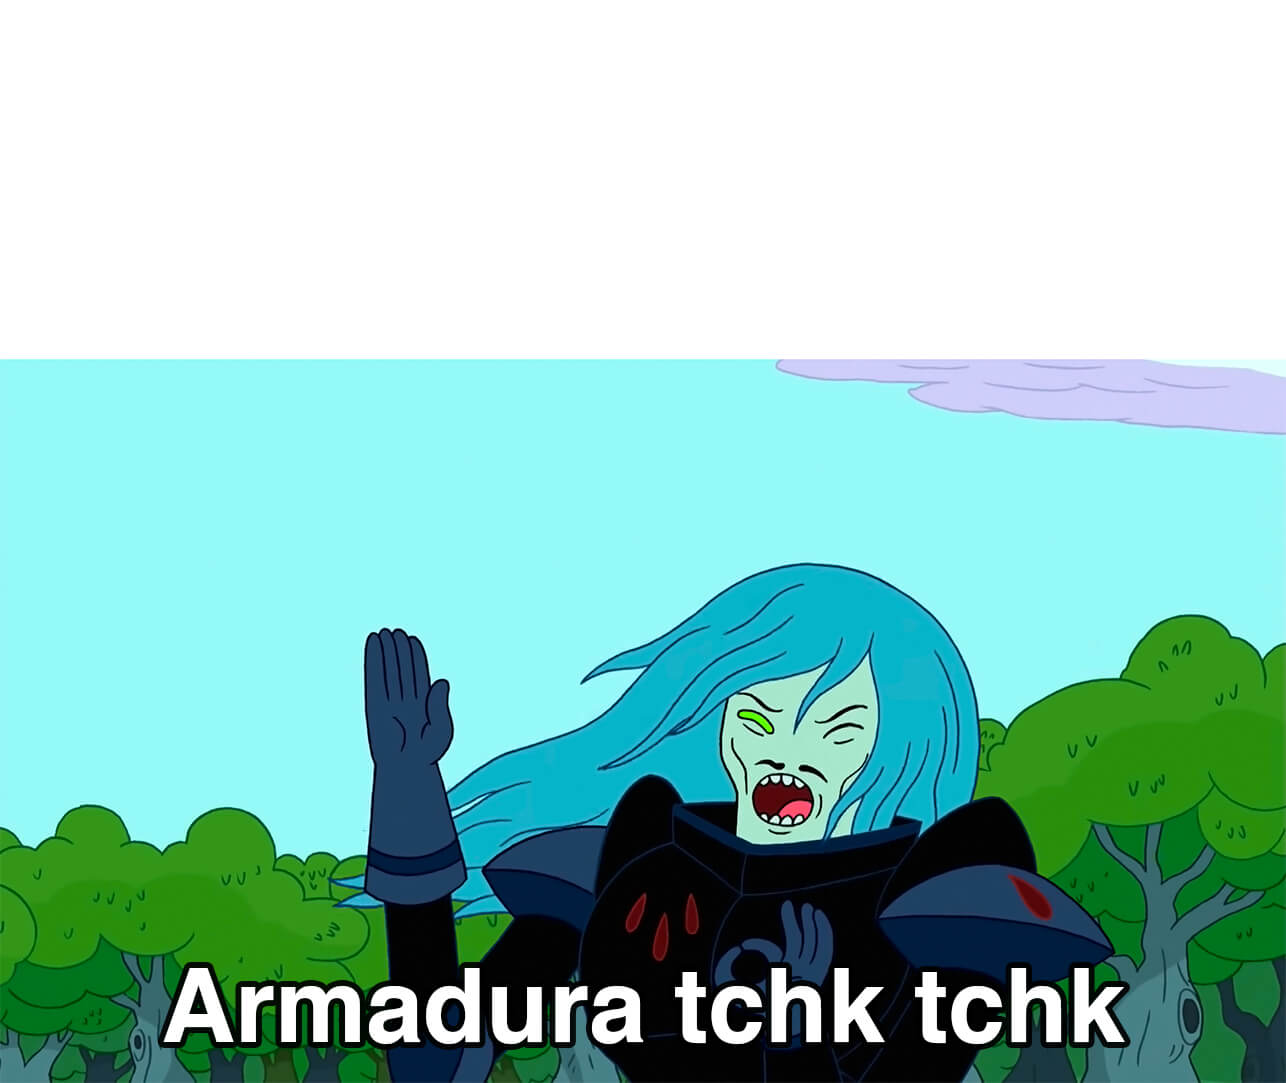 Ir a la pagina de la plantilla Armadura tchk tchk.